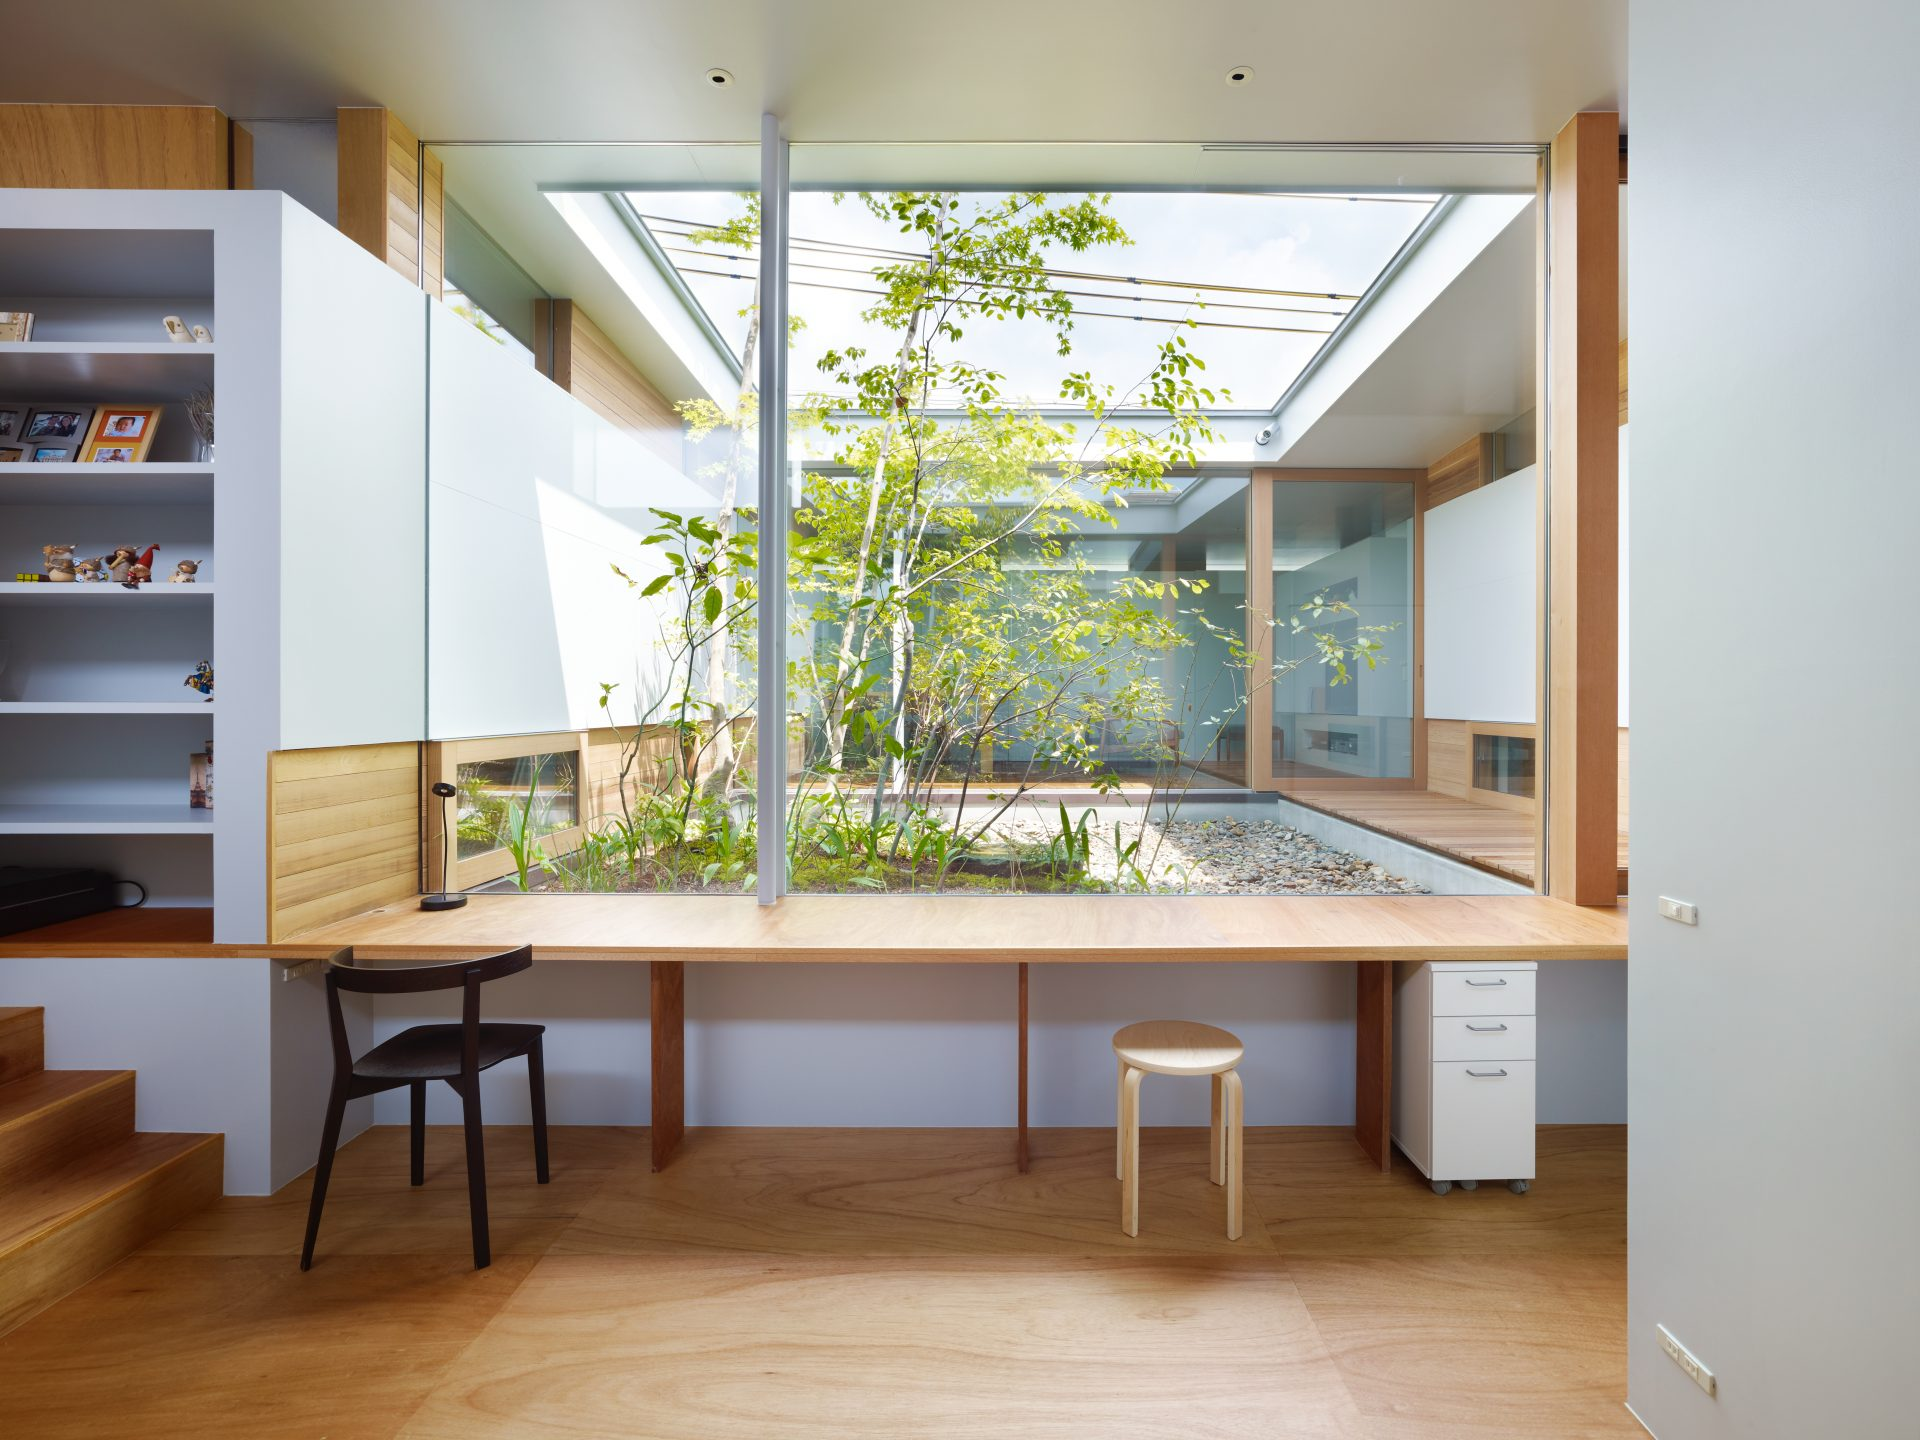 奈良関屋の家のワークスペース03